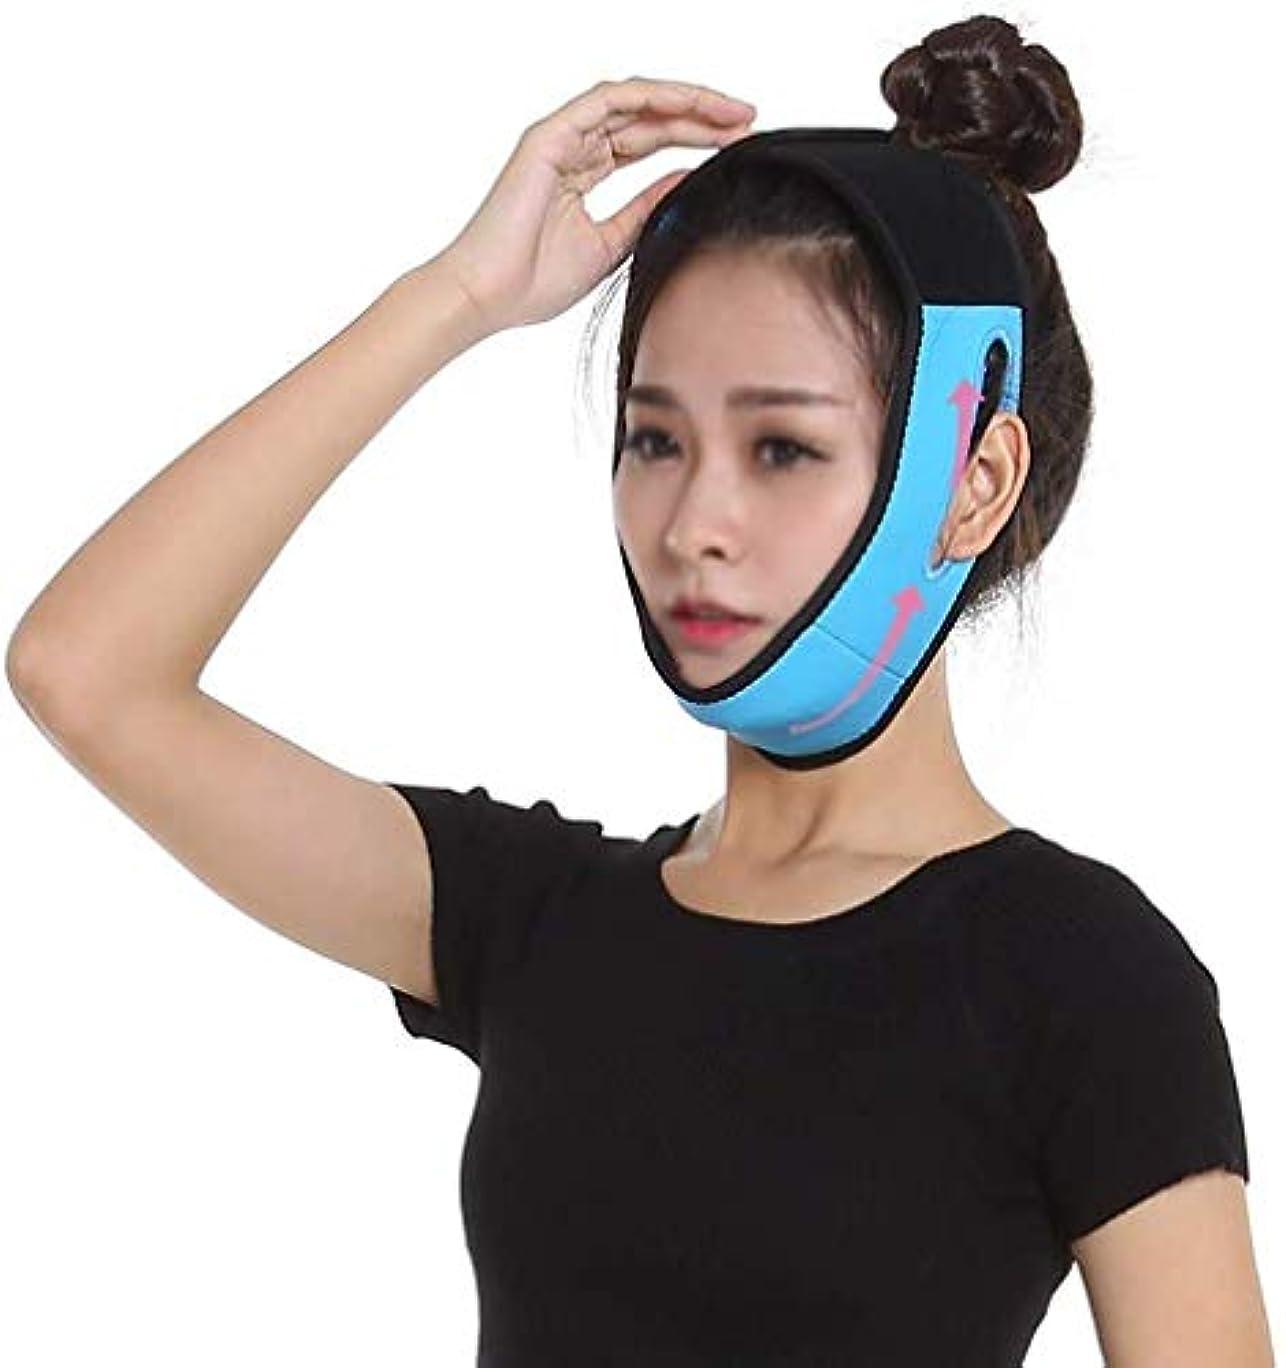 方向陽気な雑多な美しさと実用的なスリミングベルト、フェイスマスクVフェイスアーティファクトマッサージマスクは、あごの筋肉の収縮を強化し、Vフェイスリフトのタイトな青い包帯を簡単に形成します